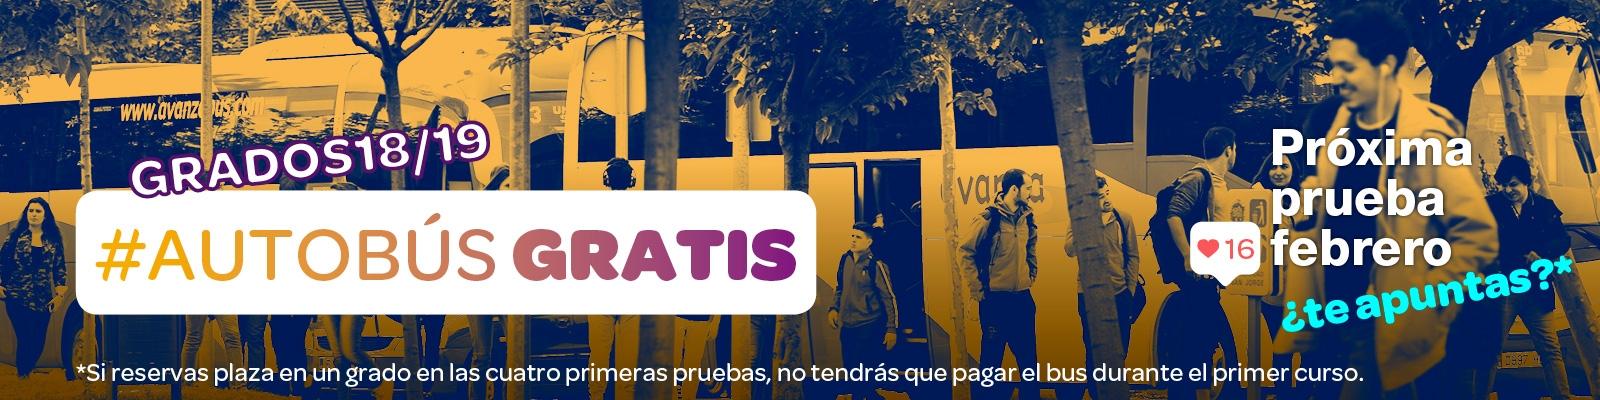 Autobús gratuito si reservas plaza en un grado de las Universidad San Jorge